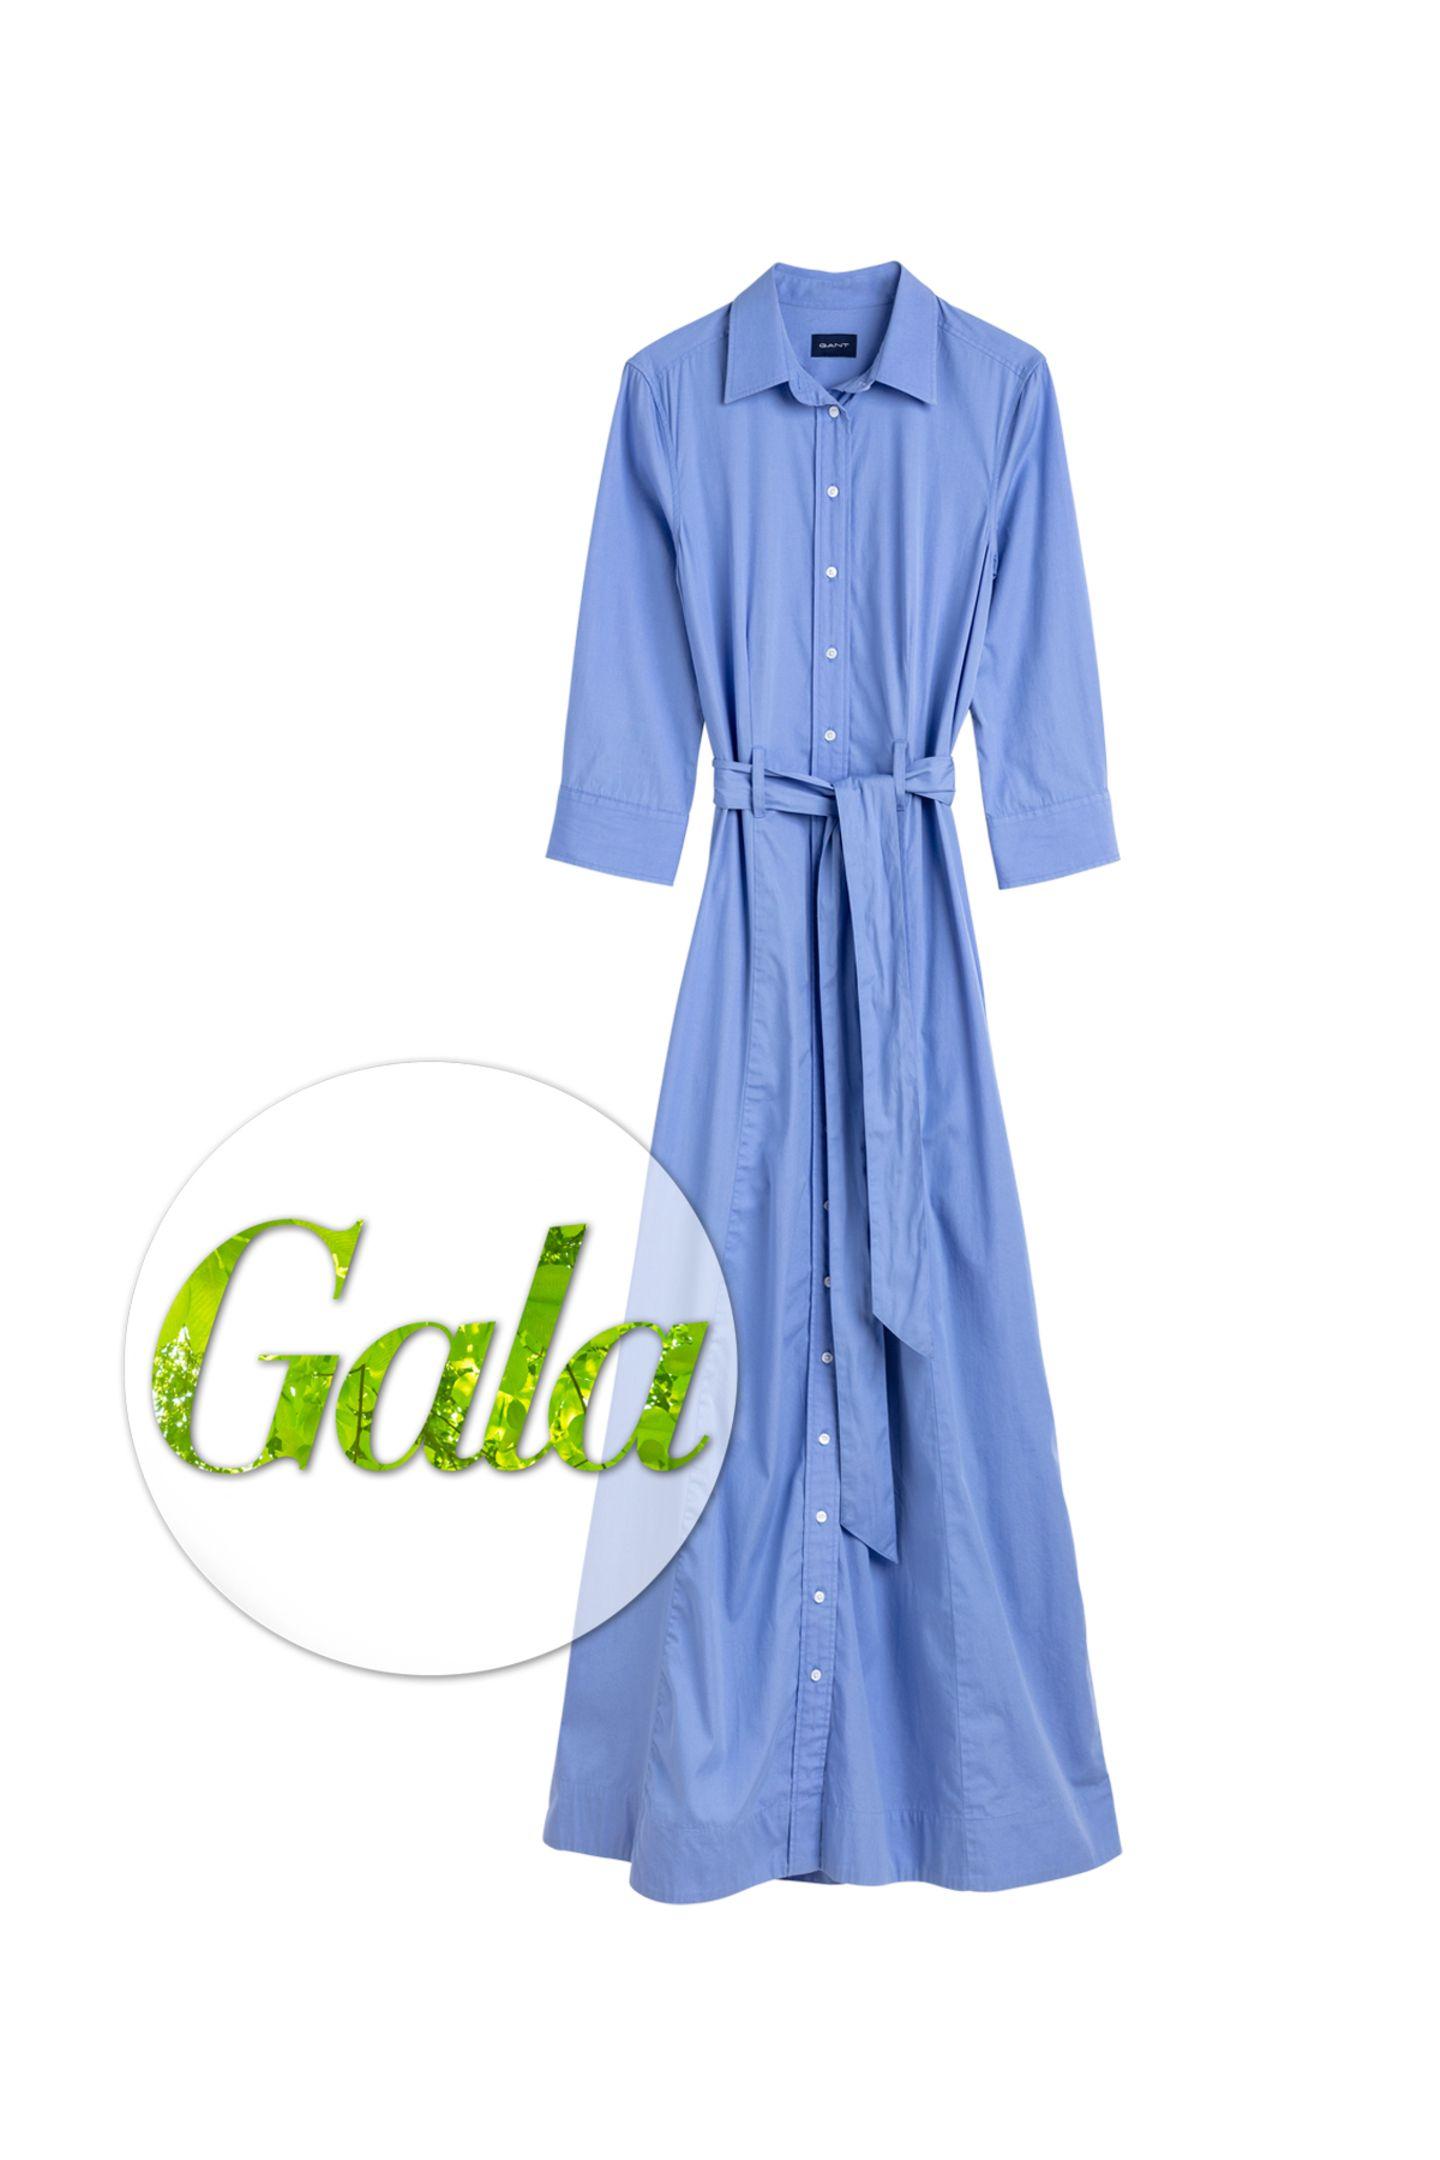 """Gant setzt mit einer """"7 Rules"""" Nachhaltigkeitskampagne ein Zeichen. Teil der Kollektion ist auch dieses schöne feminine Kleid aus Baumwolle und Lyocell, ca. 180 Euro."""